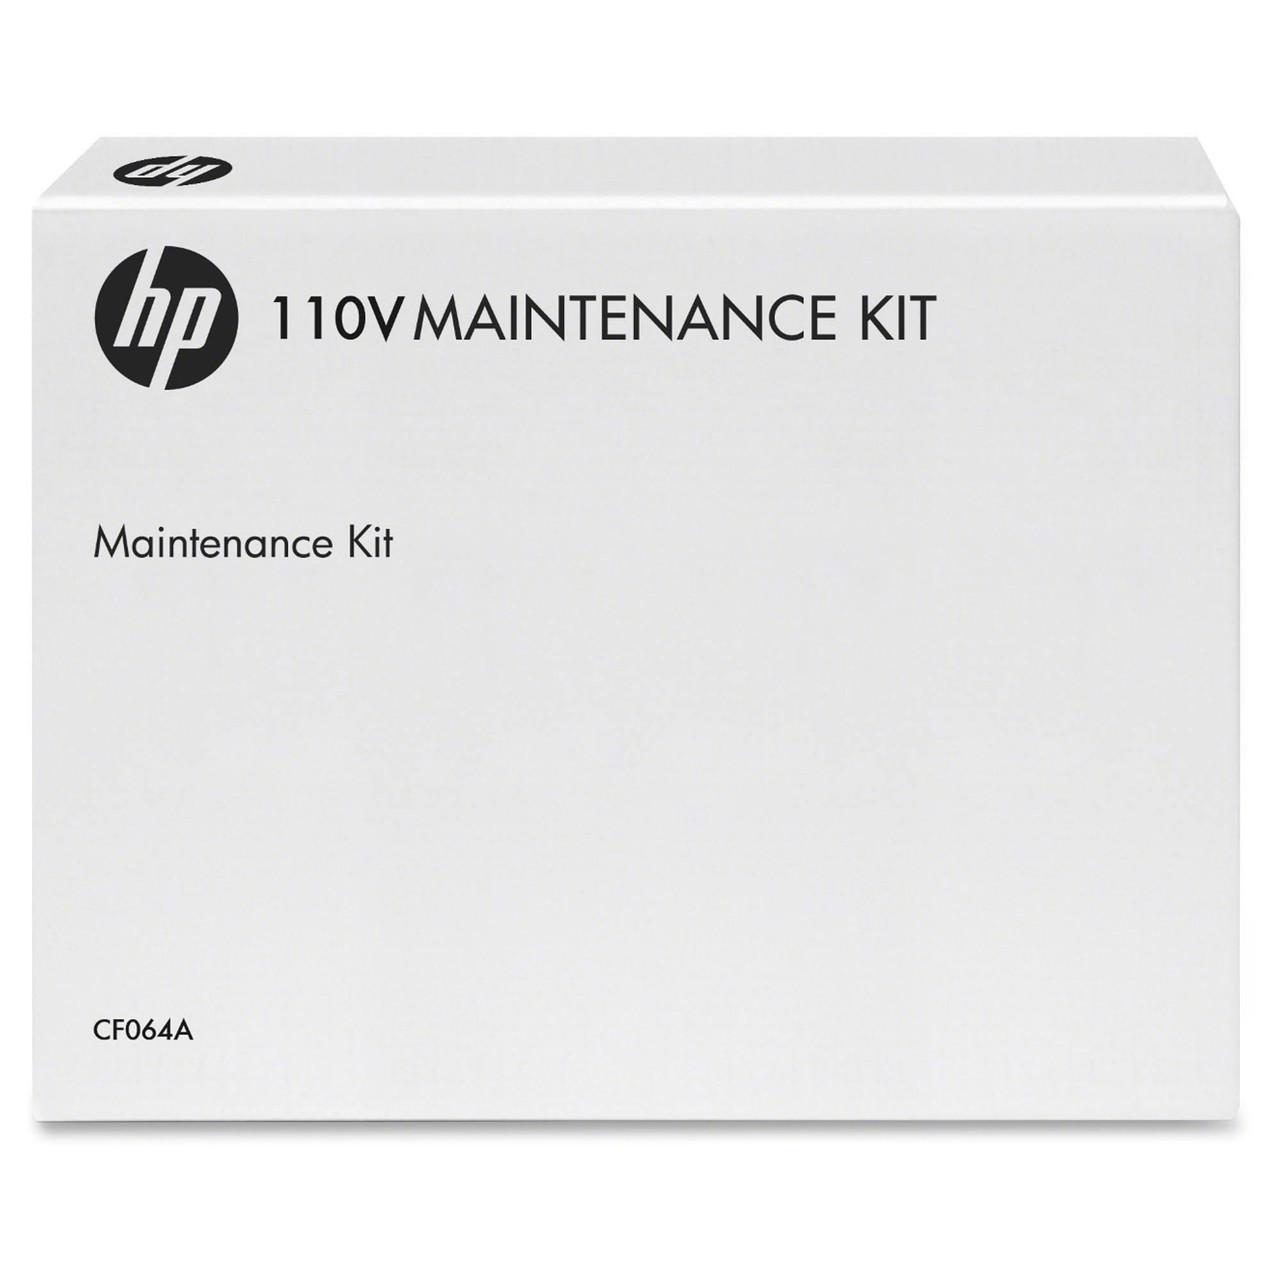 HP OEM Maintenance Kit 110V - Enterprise 600 / M601 / M602 / M603 Series